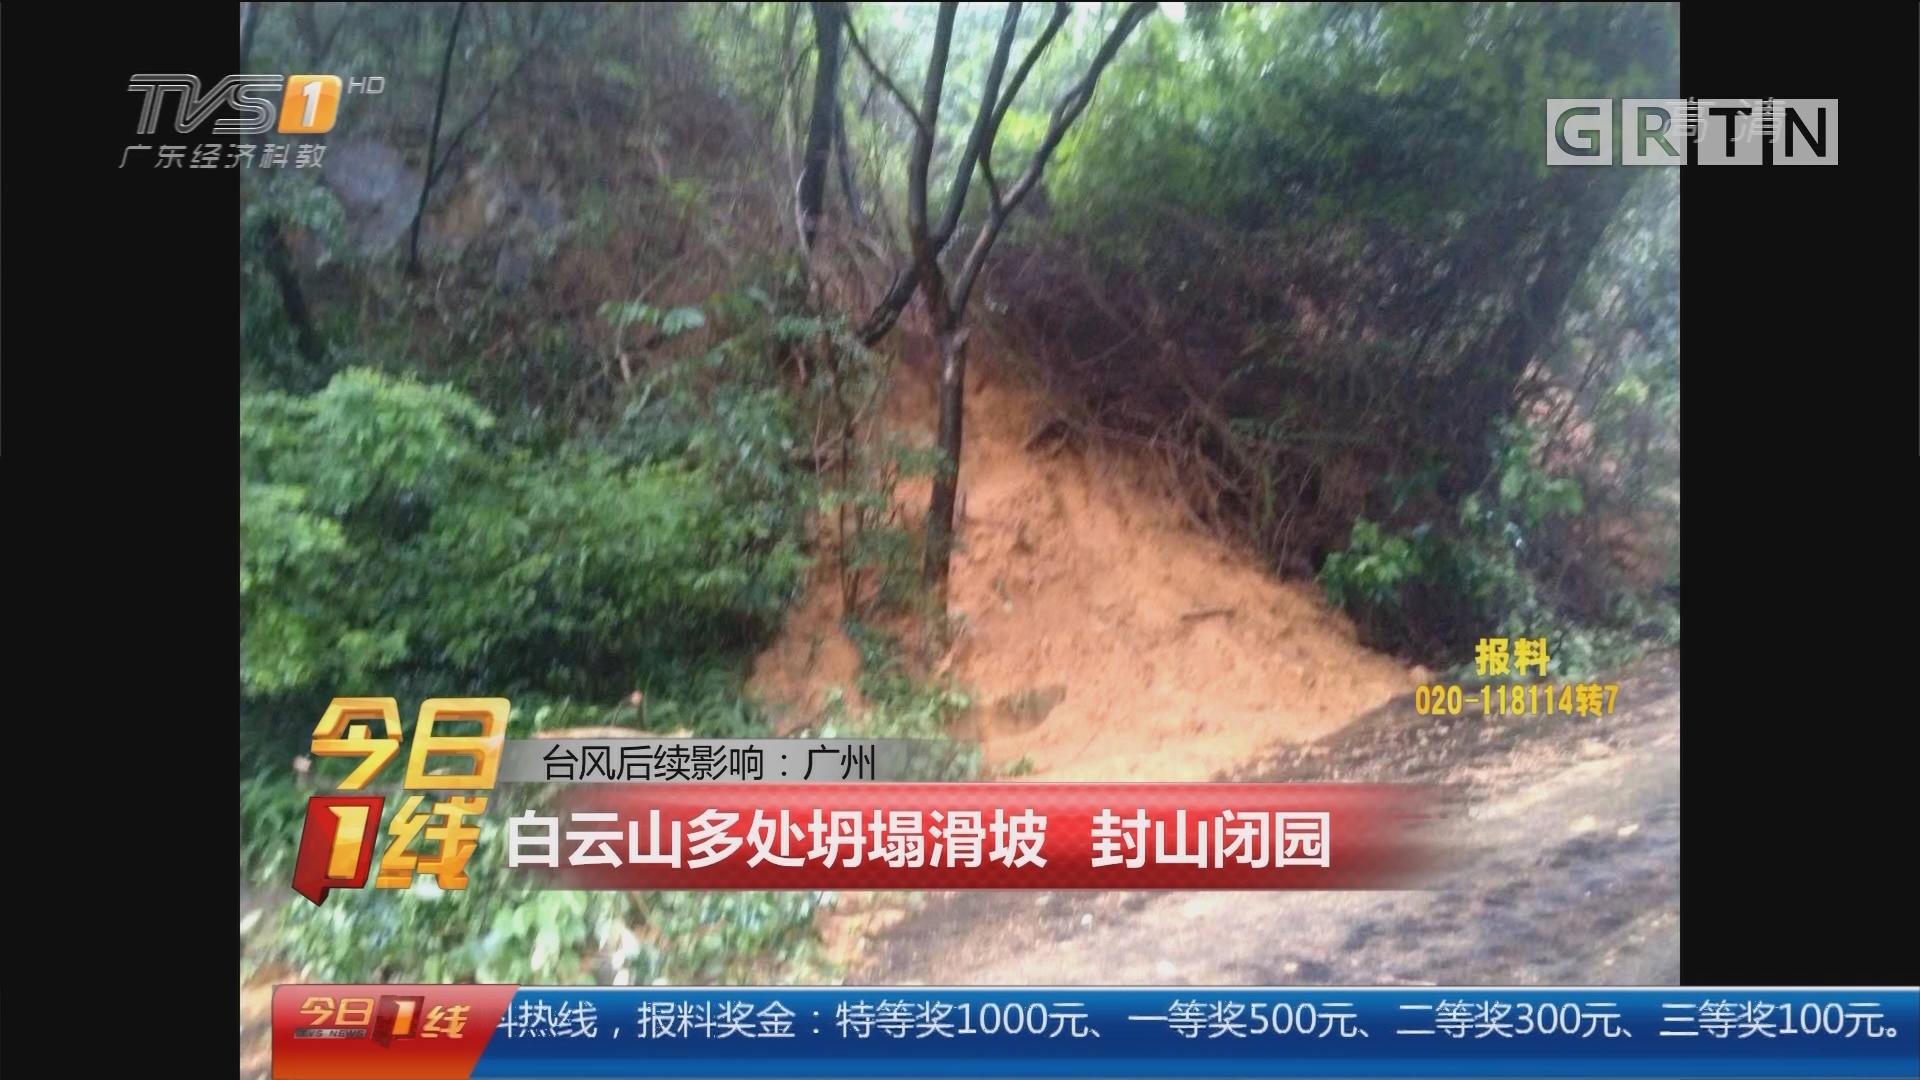 台风后续影响:广州 白云山多处坍塌滑坡 封山闭园